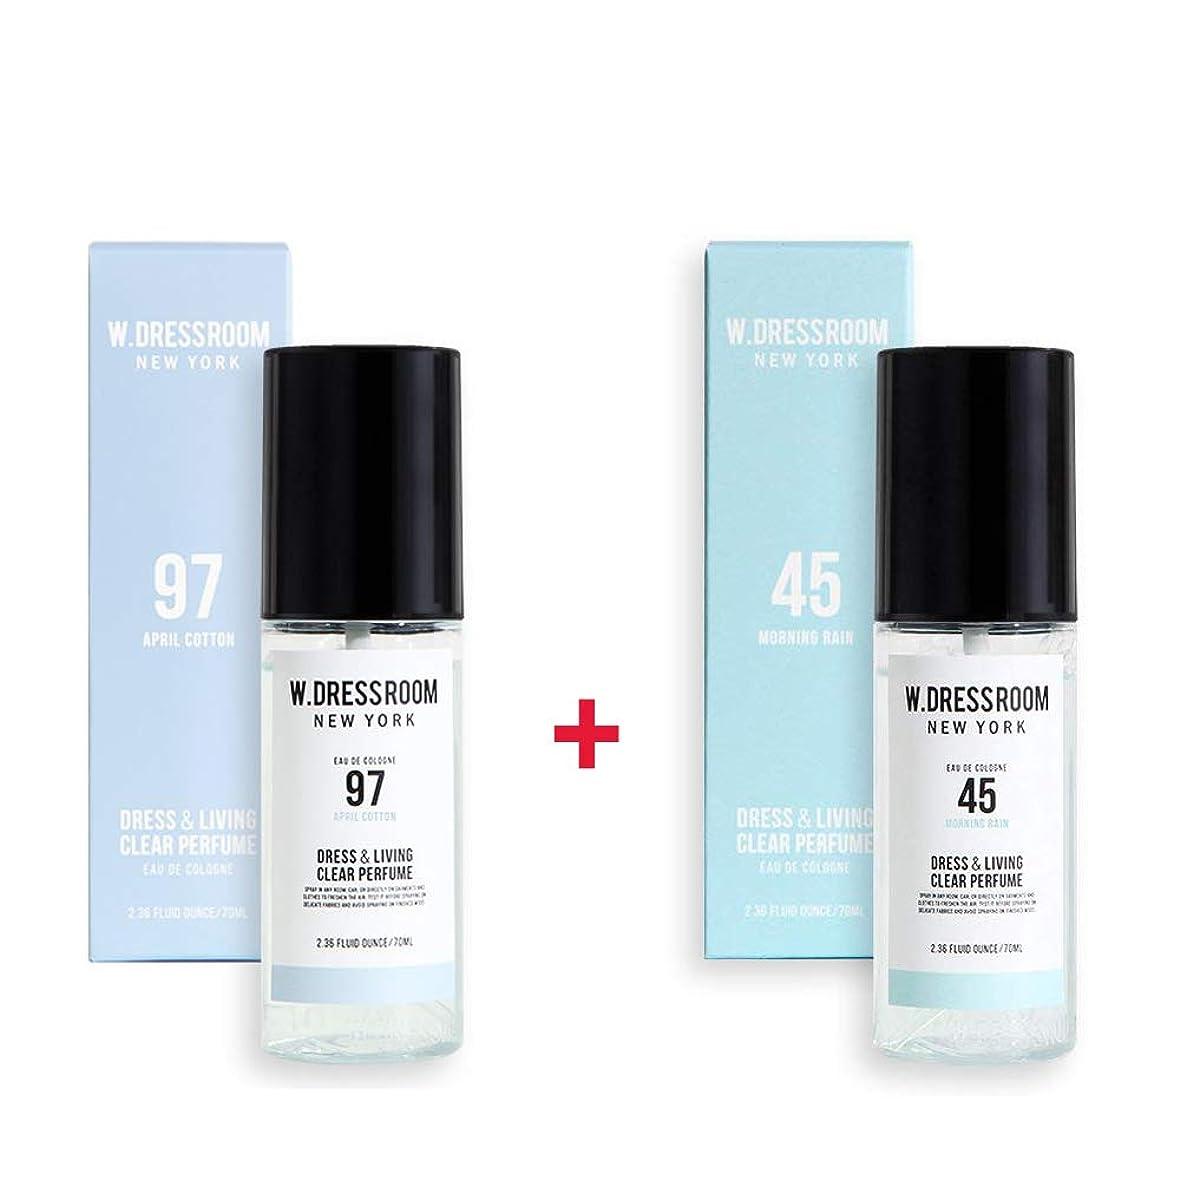 寄稿者多様なコックW.DRESSROOM Dress & Living Clear Perfume 70ml (No 97 April Cotton)+(No 45 Morning Rain)